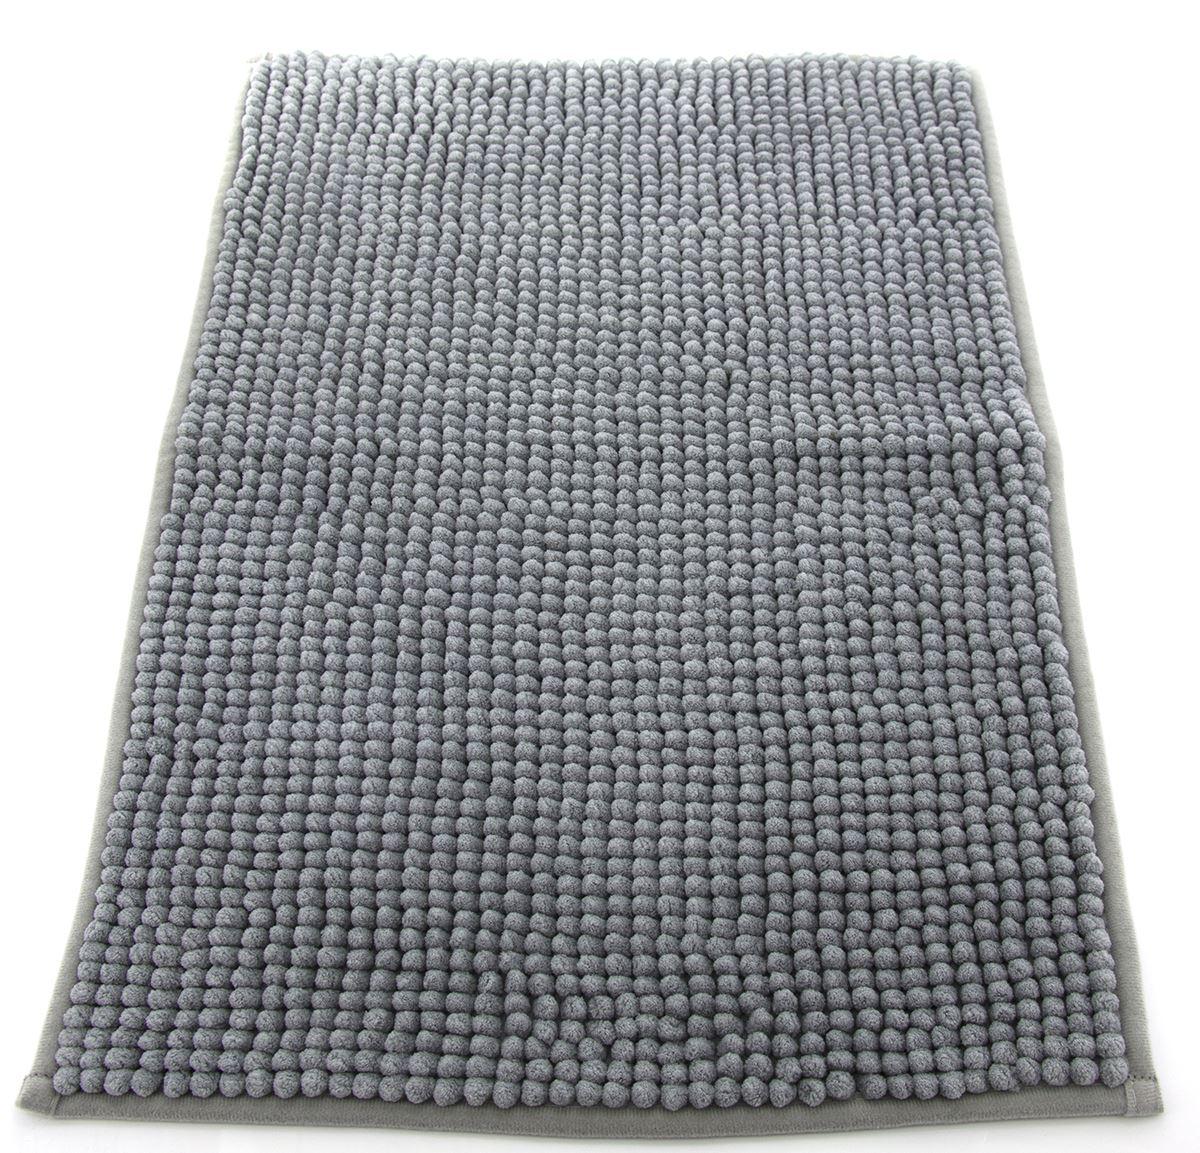 tappeto-da-bagno-camera-ingresso-cucina-a-pelo-corto-materiale-in-micro-fibra miniatura 41